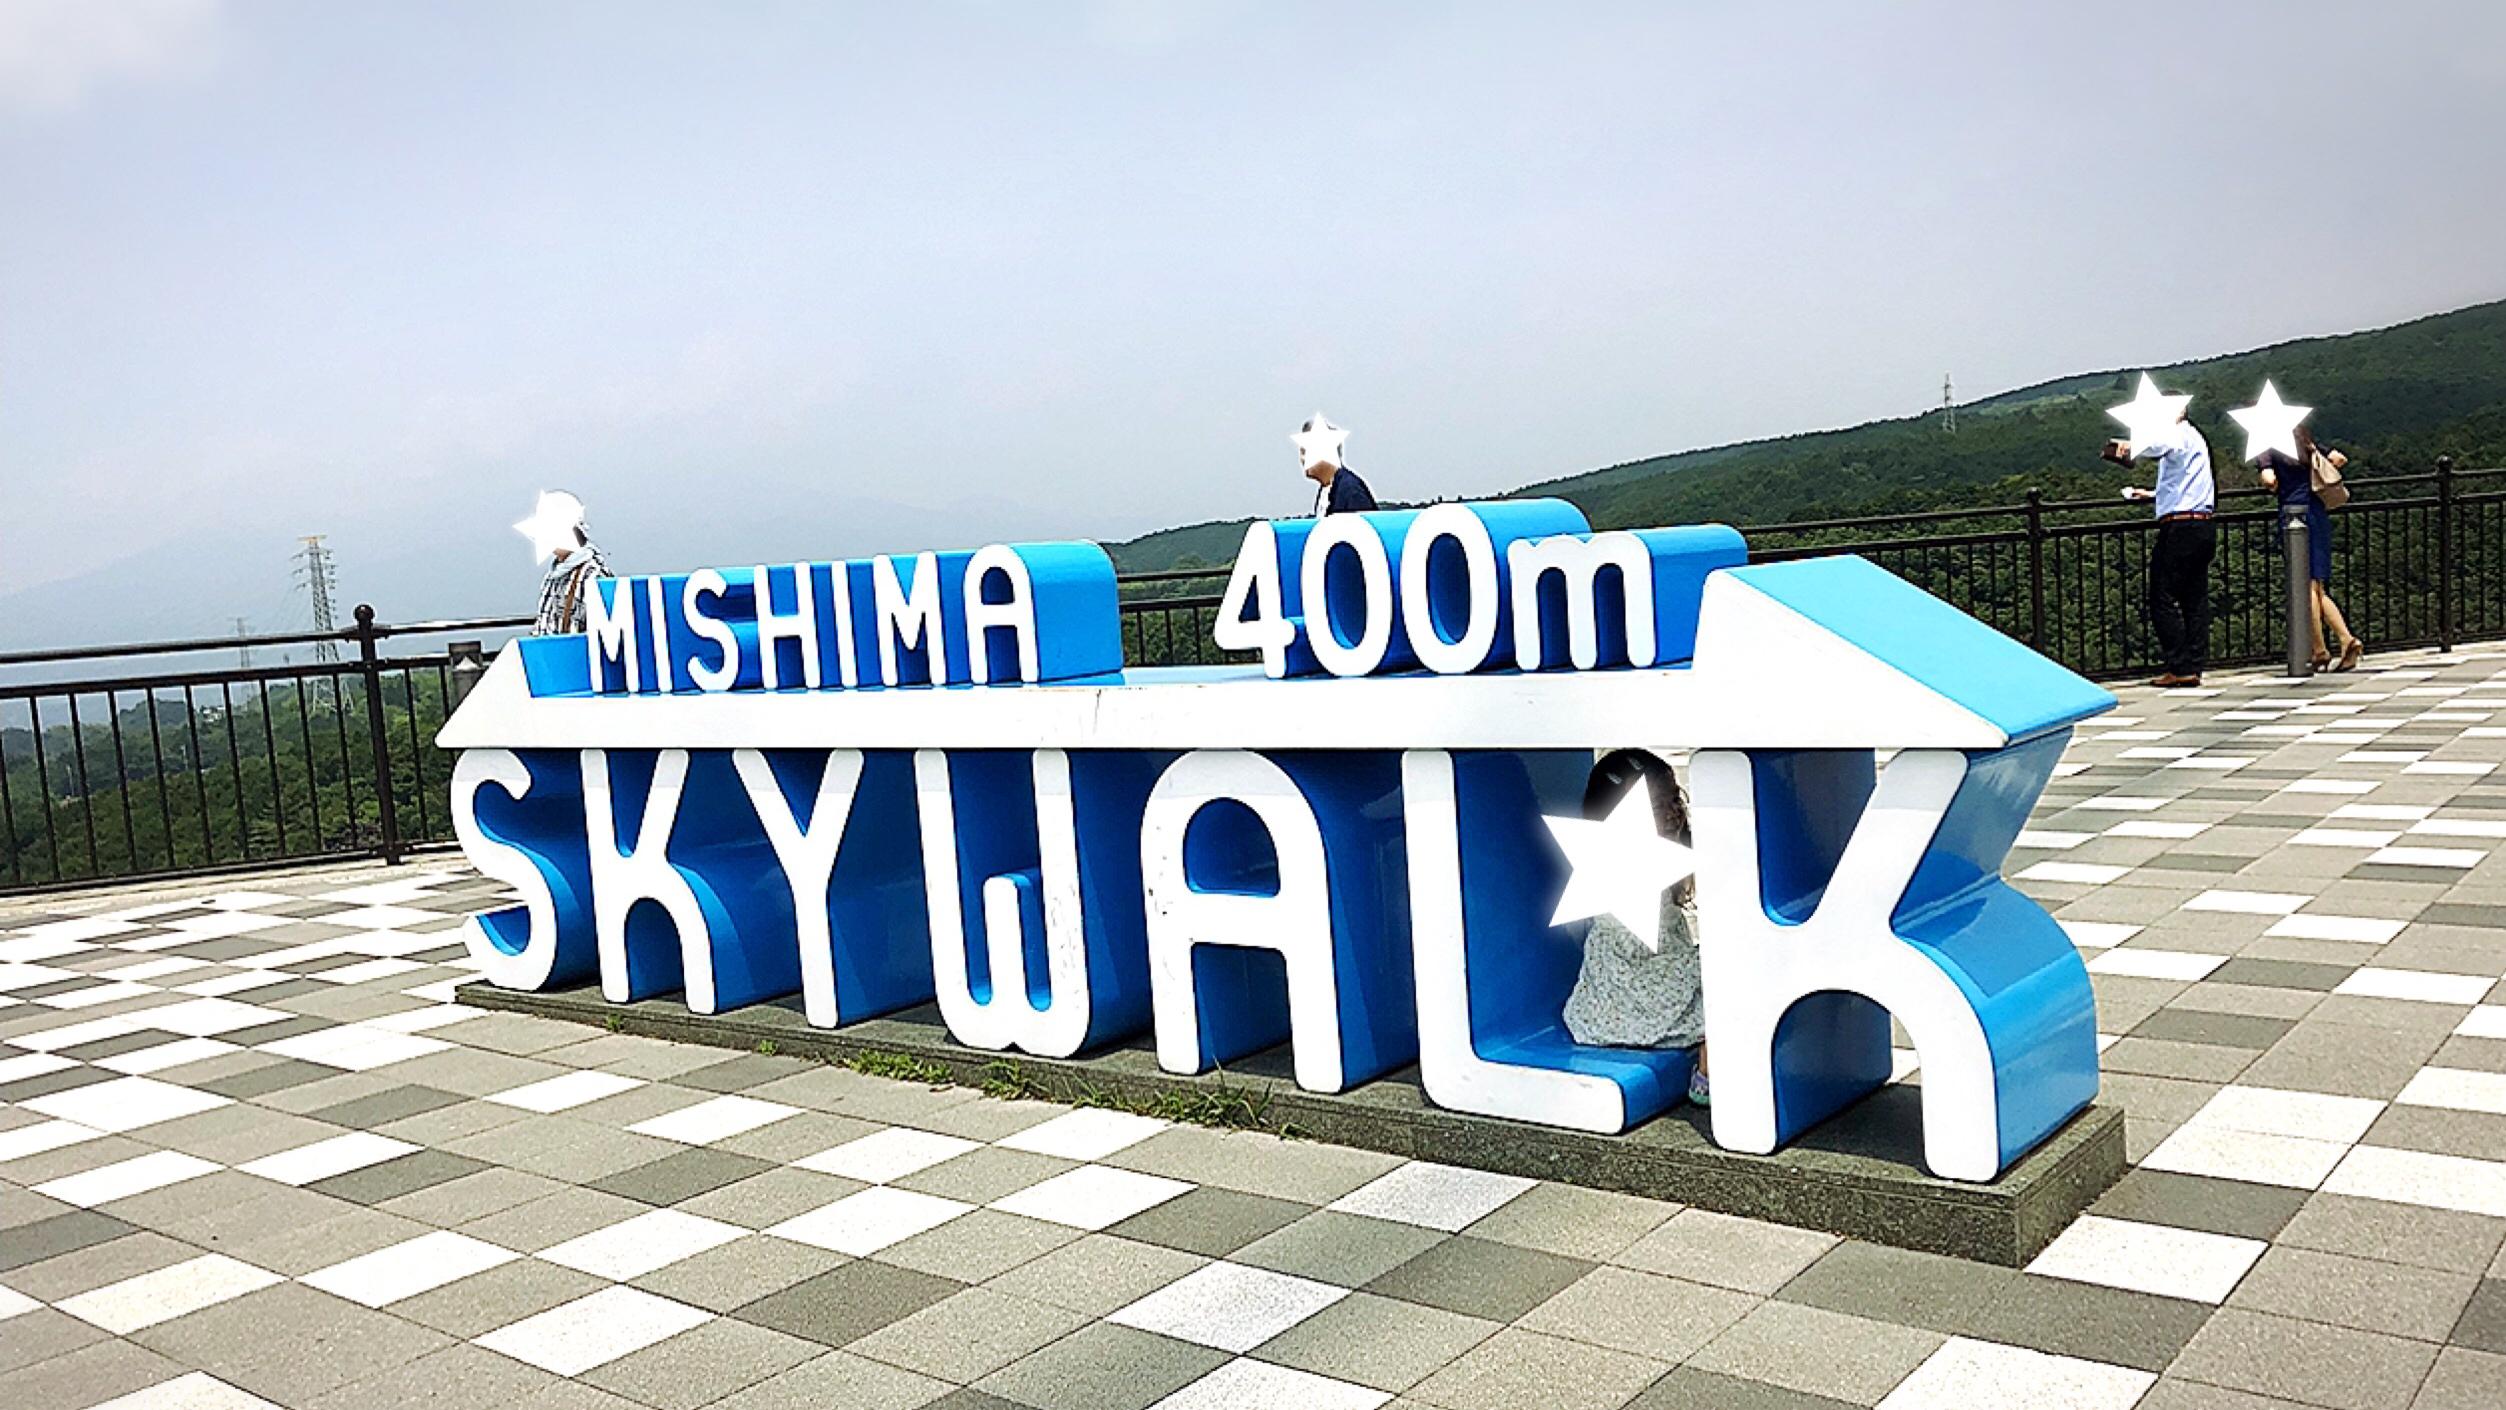 【静岡・三島】箱根のすぐ近く♩日本一長い吊り橋「三島スカイウォーク」に行ってきました!_1